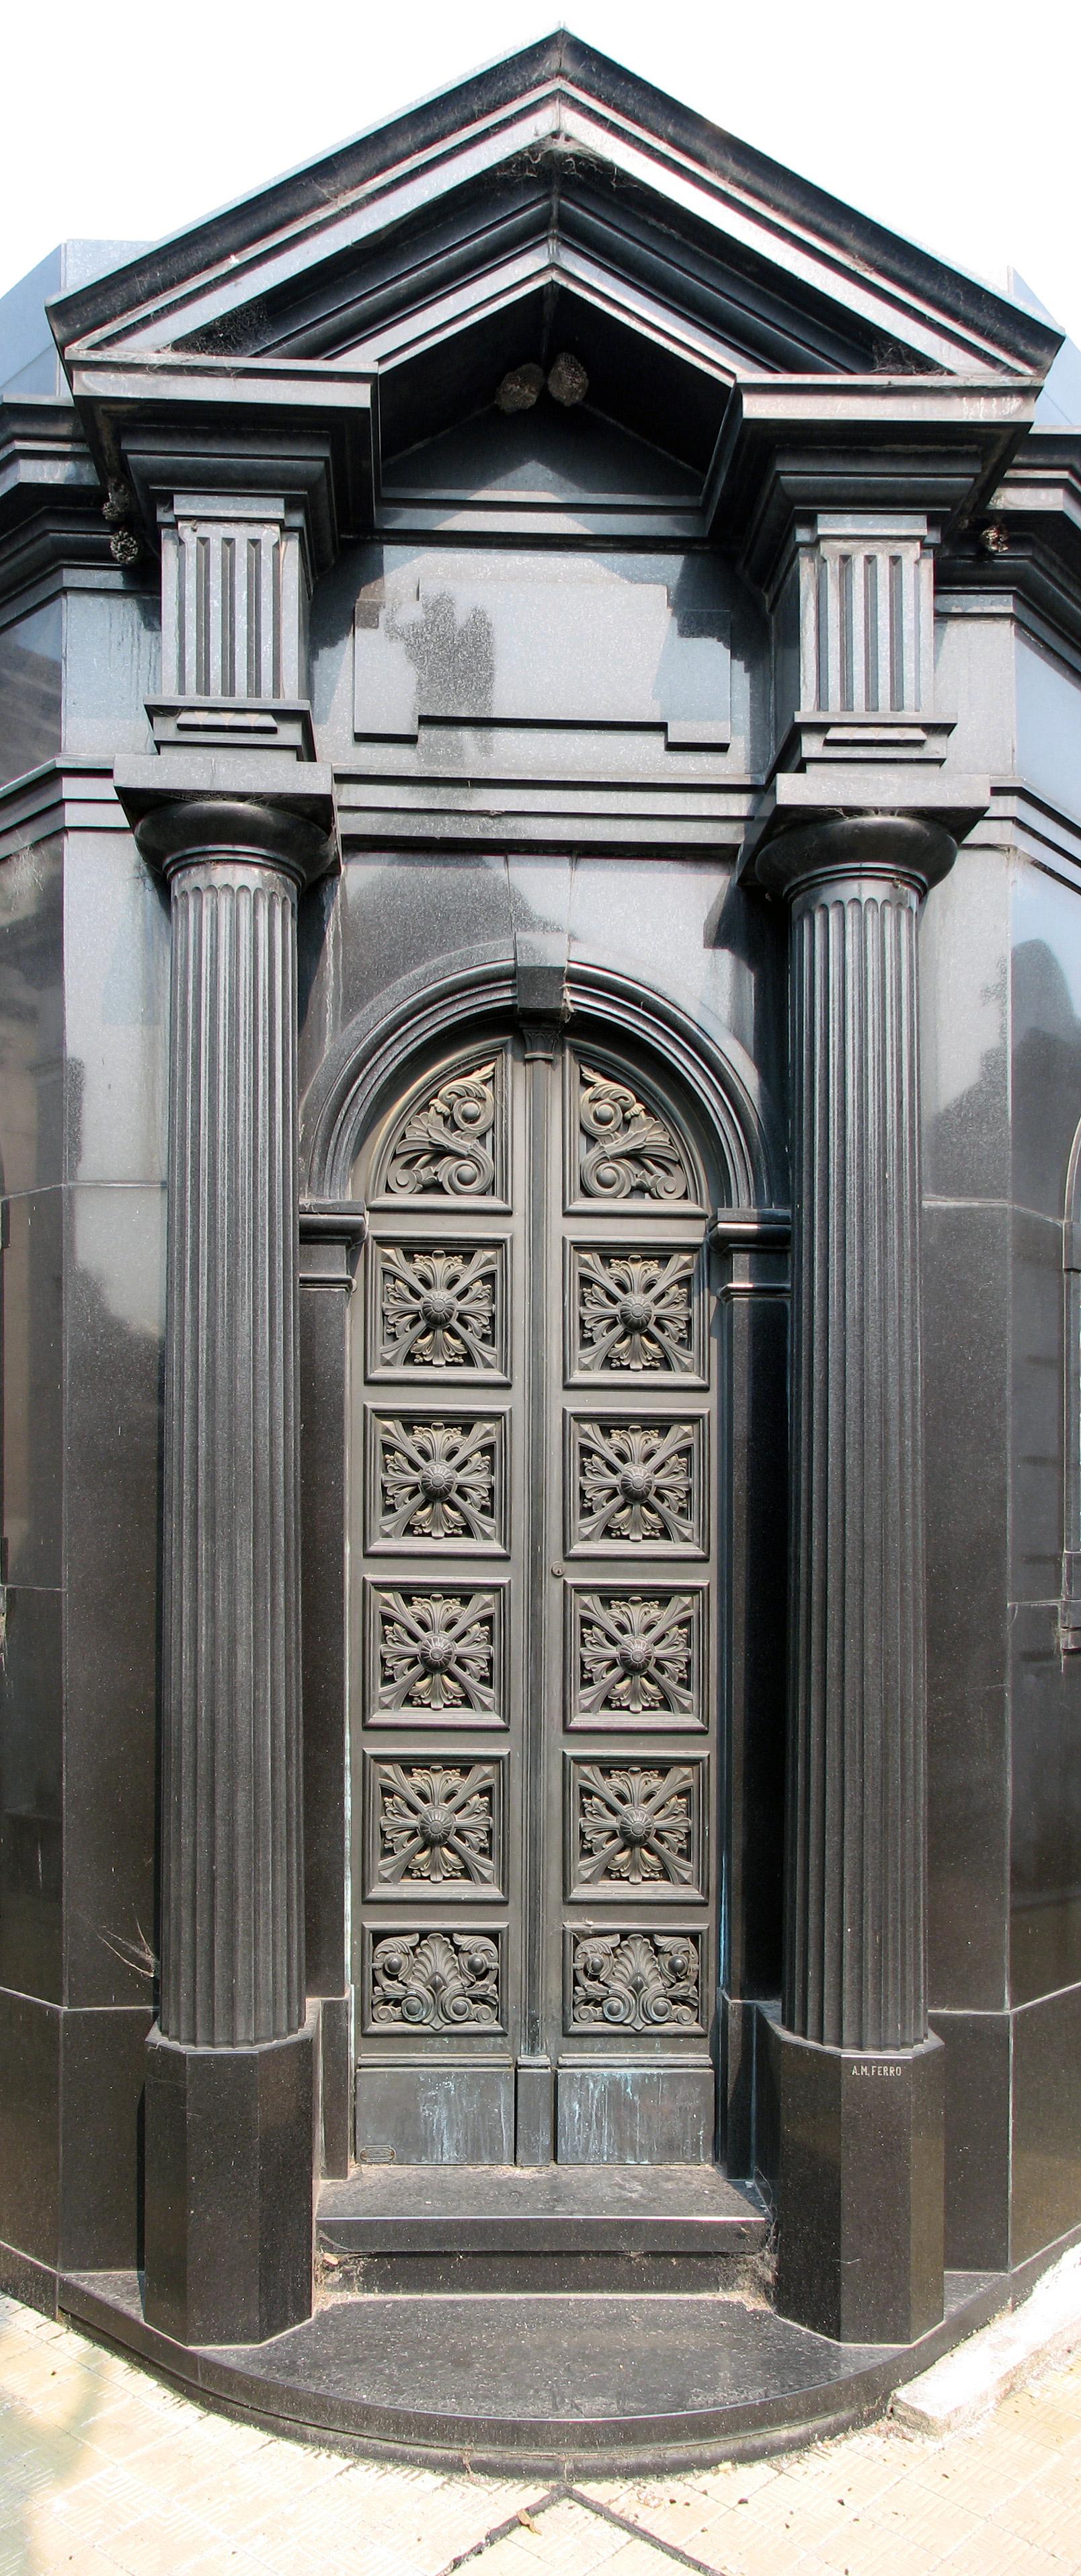 Neoclassic Niche, Arch, Gate, Religion, Niche, HQ Photo